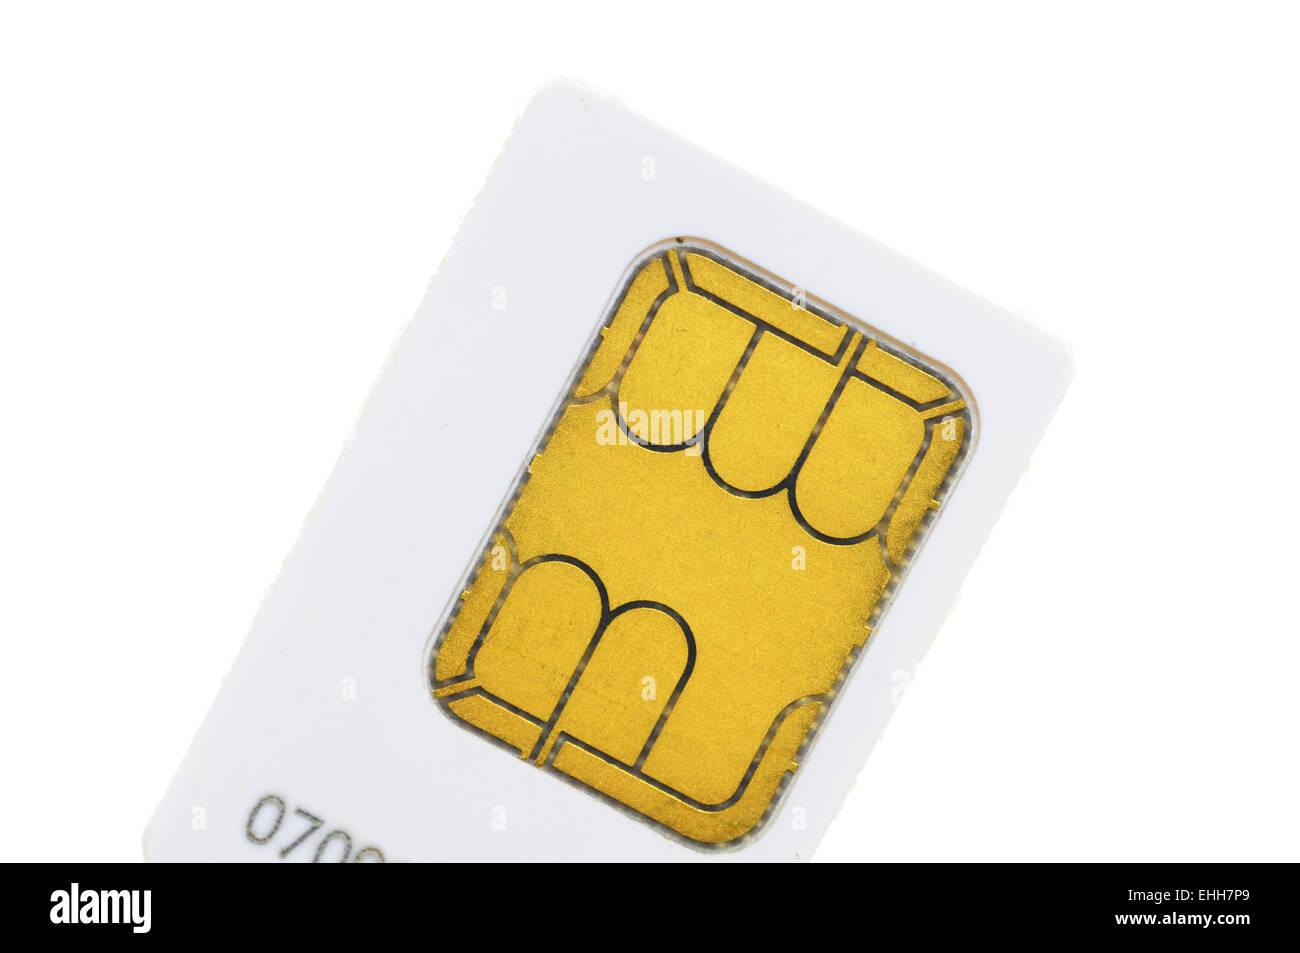 SIM-Karte / Sim-card - Stock Image